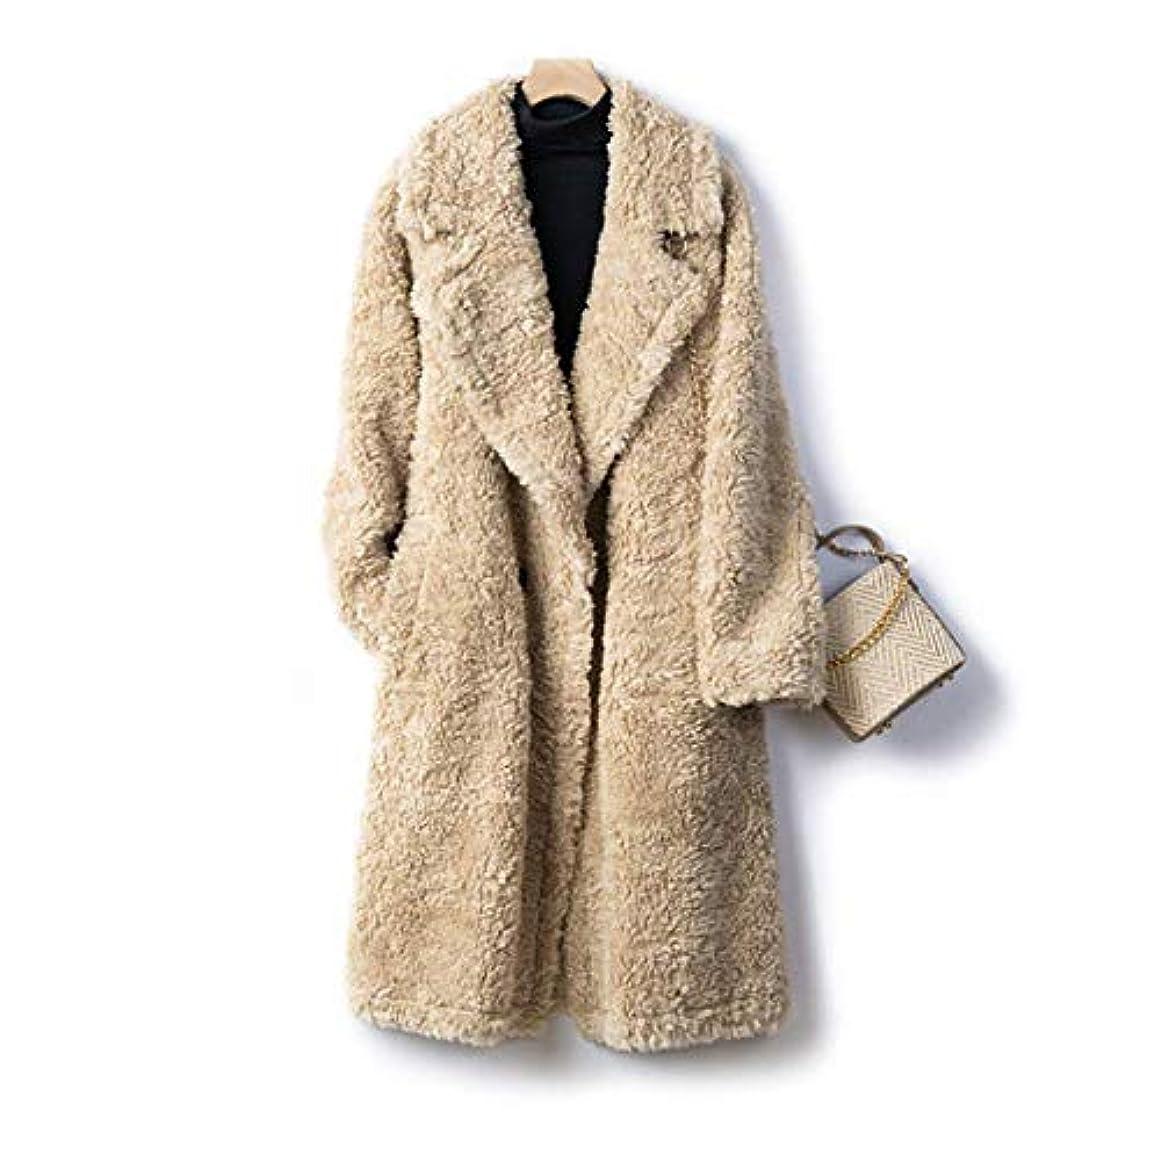 落胆する郵便番号ビルダー厚いウールのコート、女性のコートレディースウインドブレーカージャケット厚い羊のせん断顆粒ロングコートの女性のウールコート19秋と冬の婦人服,A,M